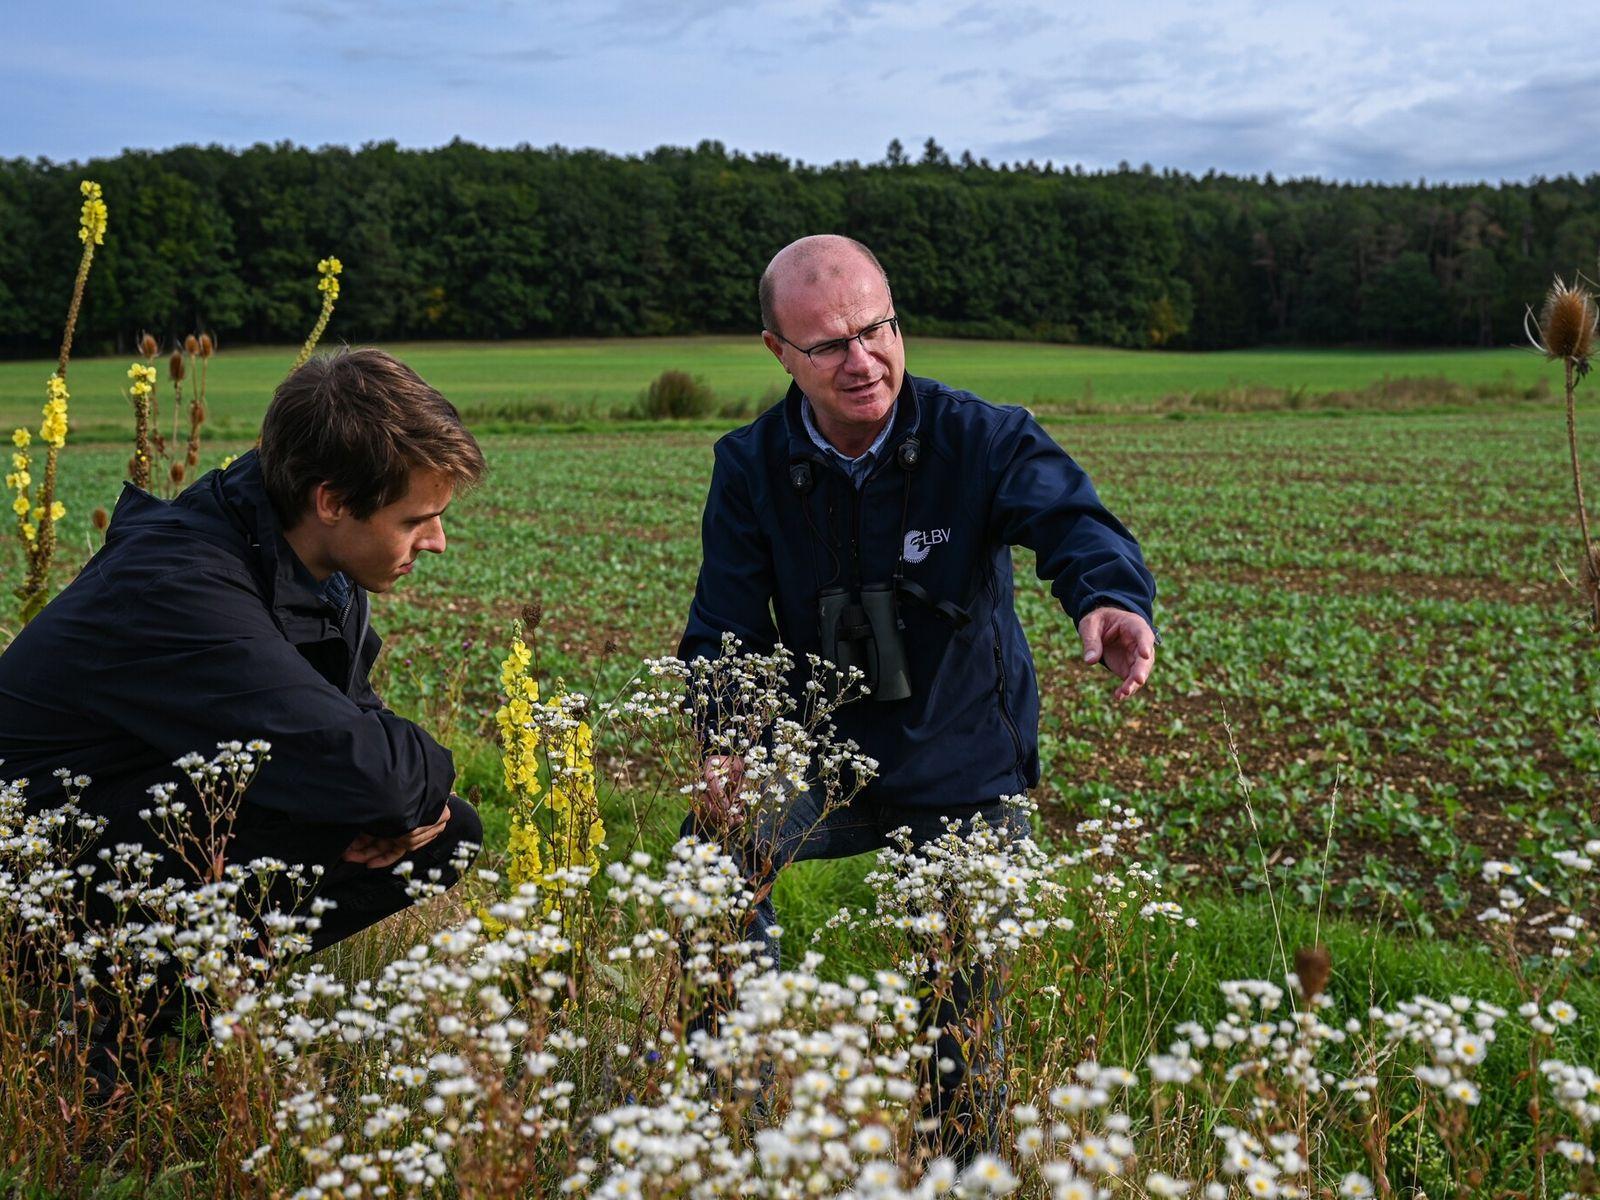 Norbert Schäffer, Vorsitzender des Landesbundes für Vogelschutz in Bayern, und sein Mitarbeiter Paul Kasko besuchen einen ...